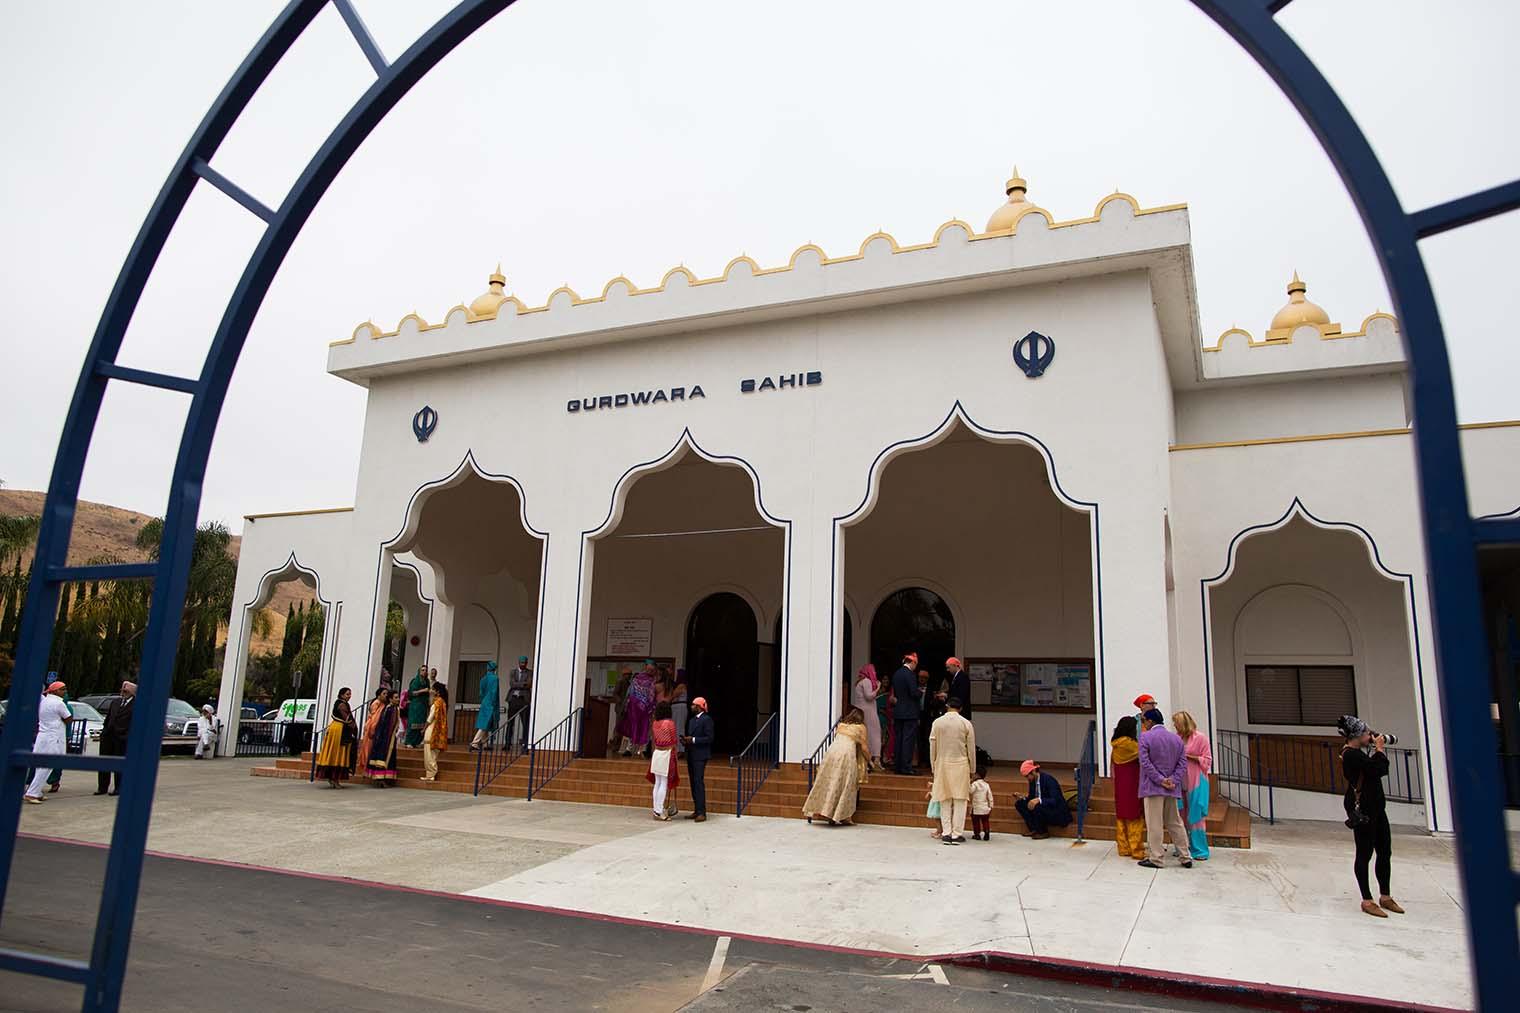 Gurdwara Sahib of Fremont